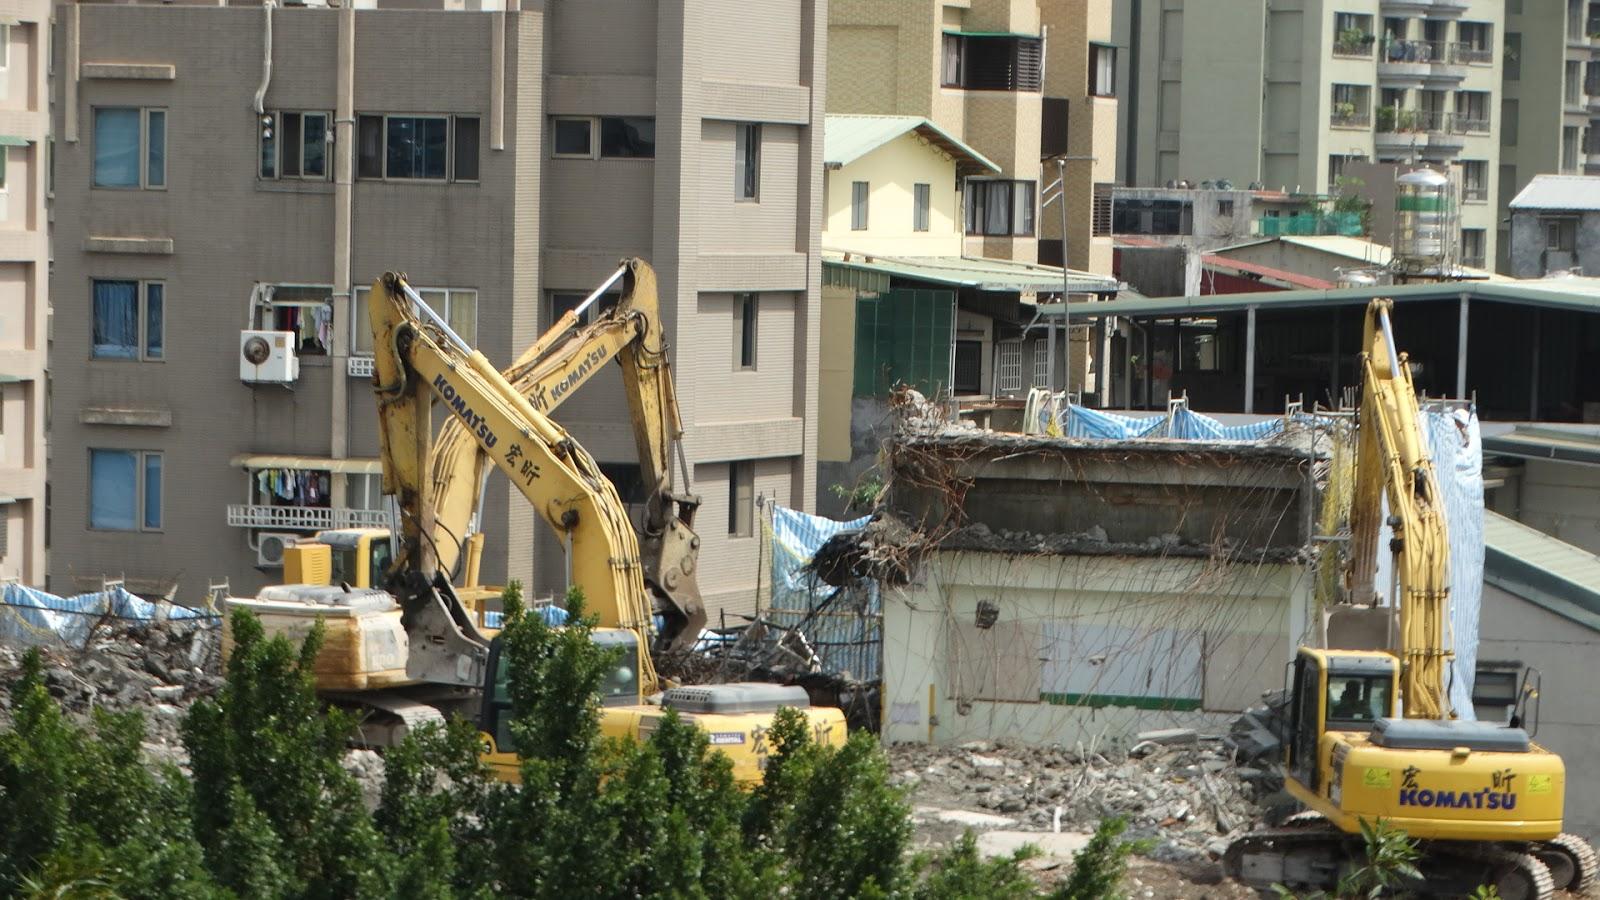 一鏡到底的關鍵因素?臺北市大龍市場拆除工程縮時攝影201507-201511 Construction Time Lapse